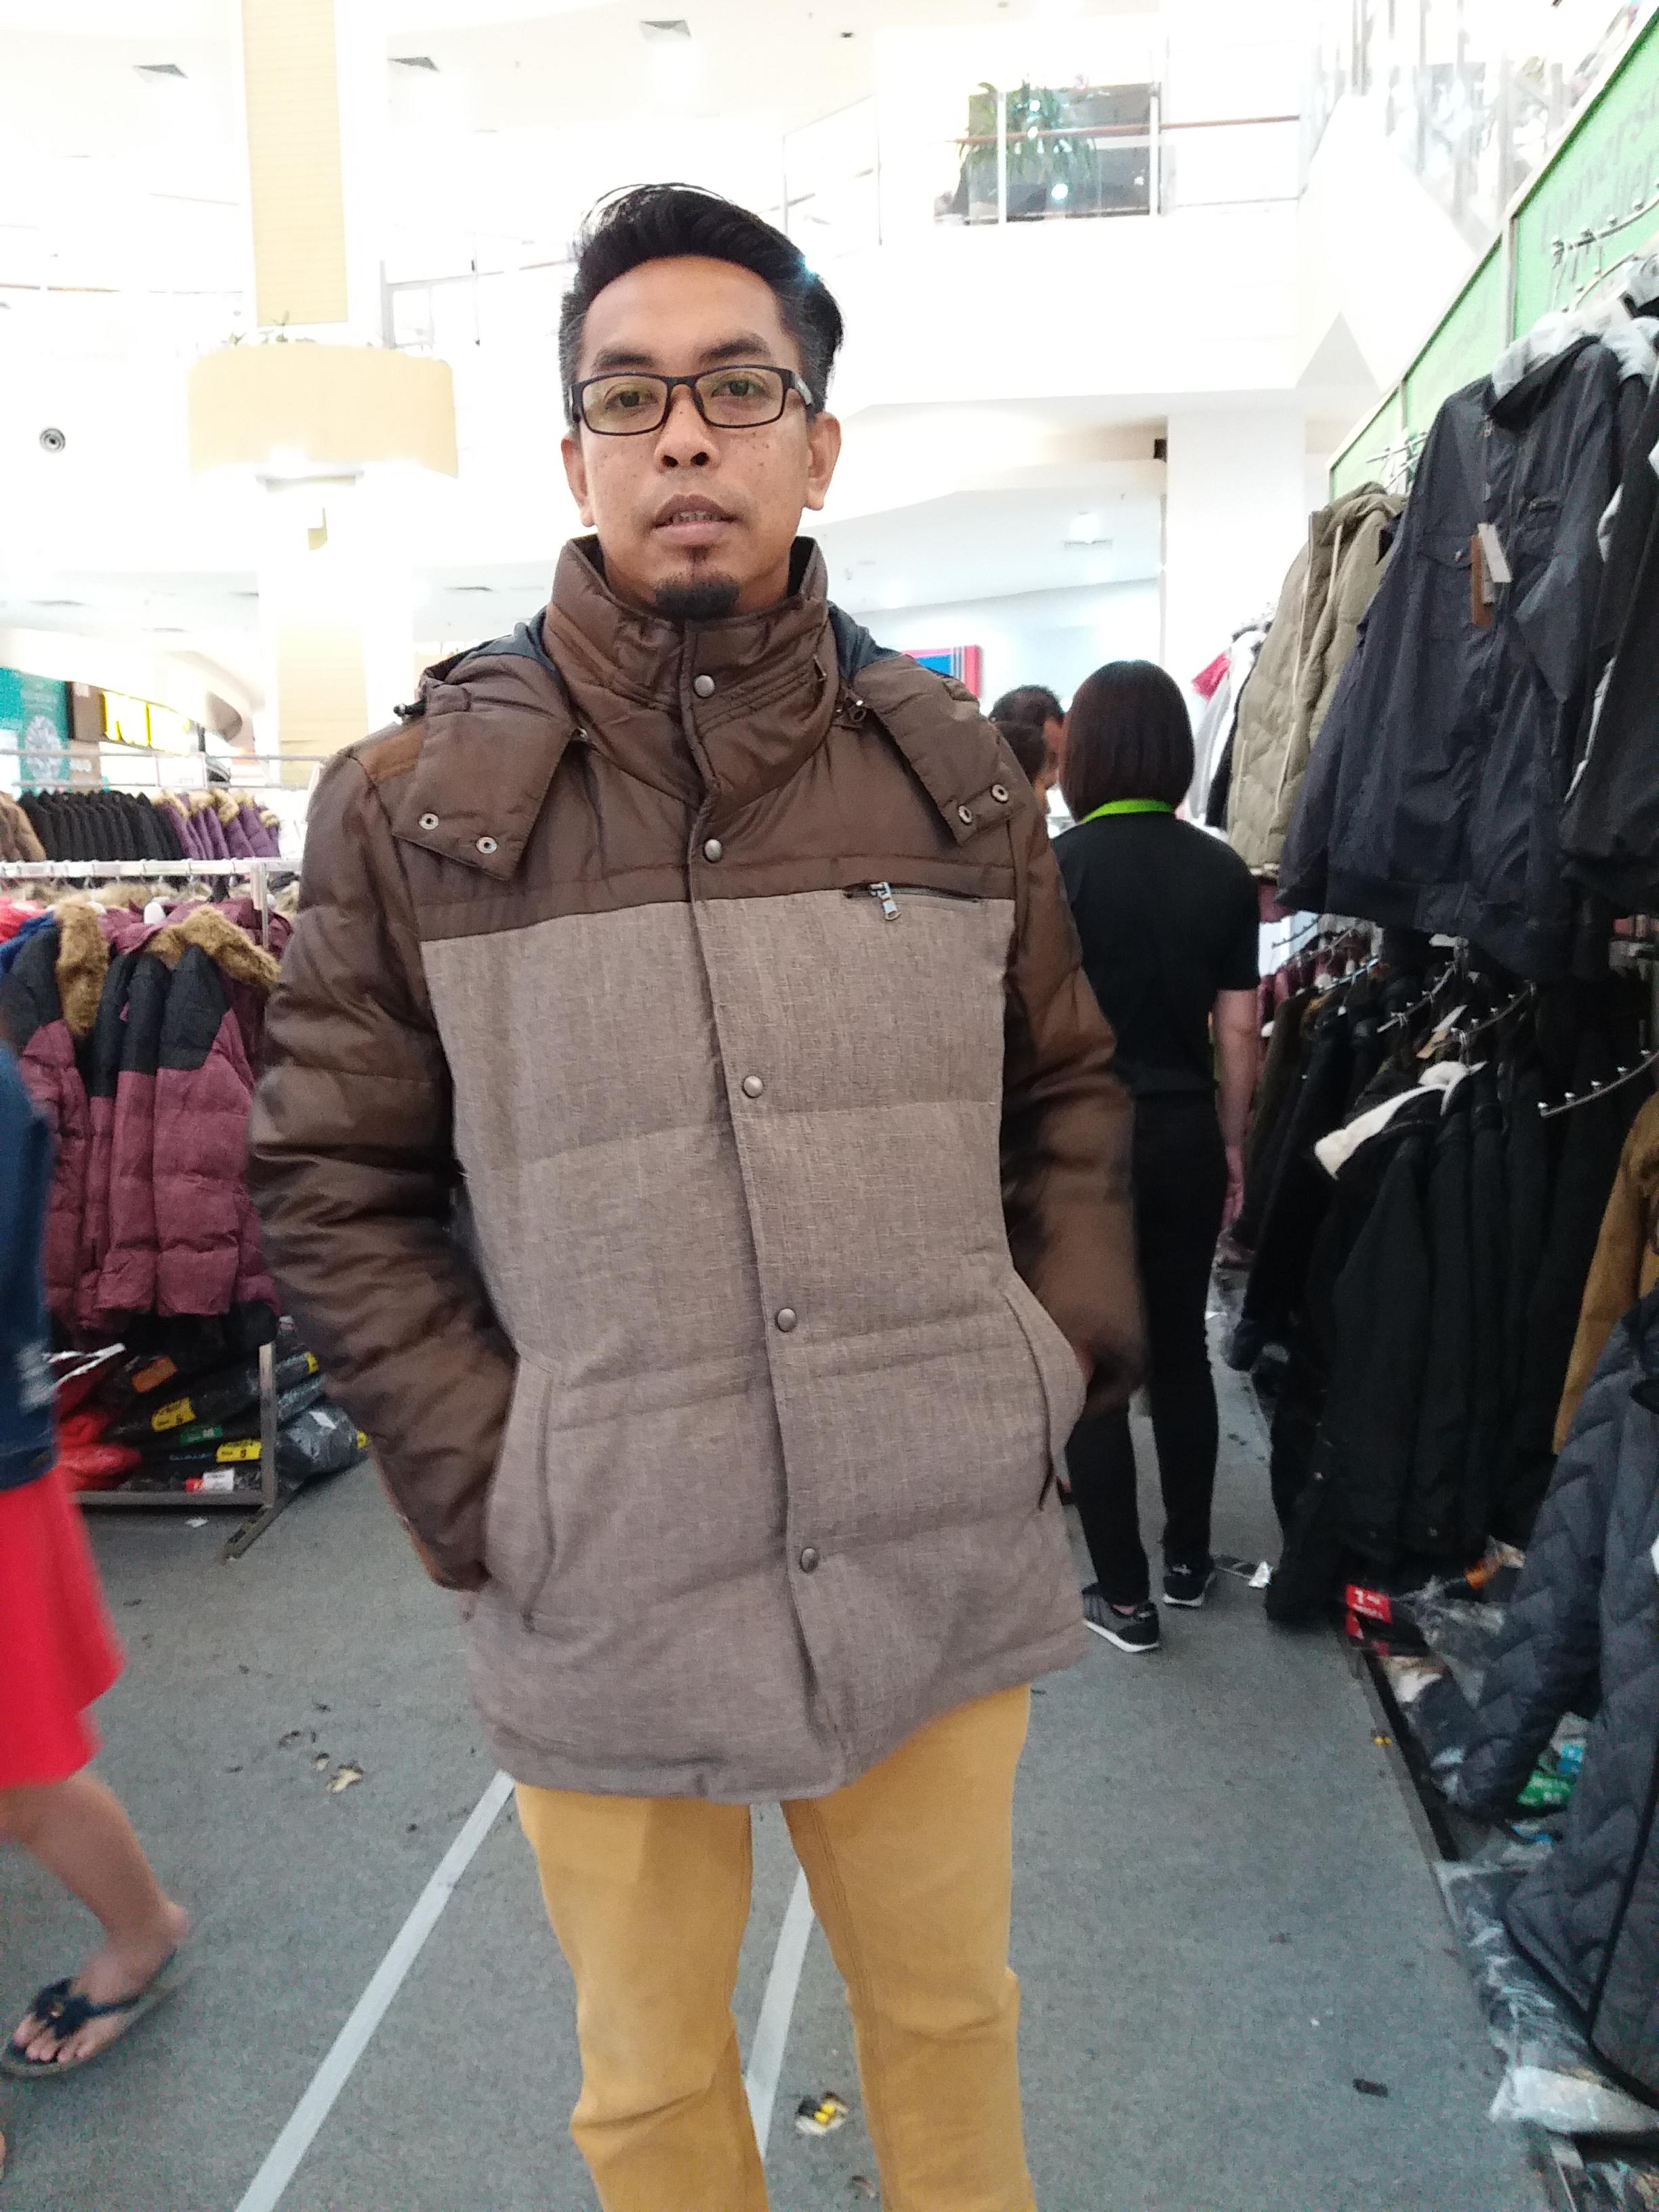 Teman Babah Shopping